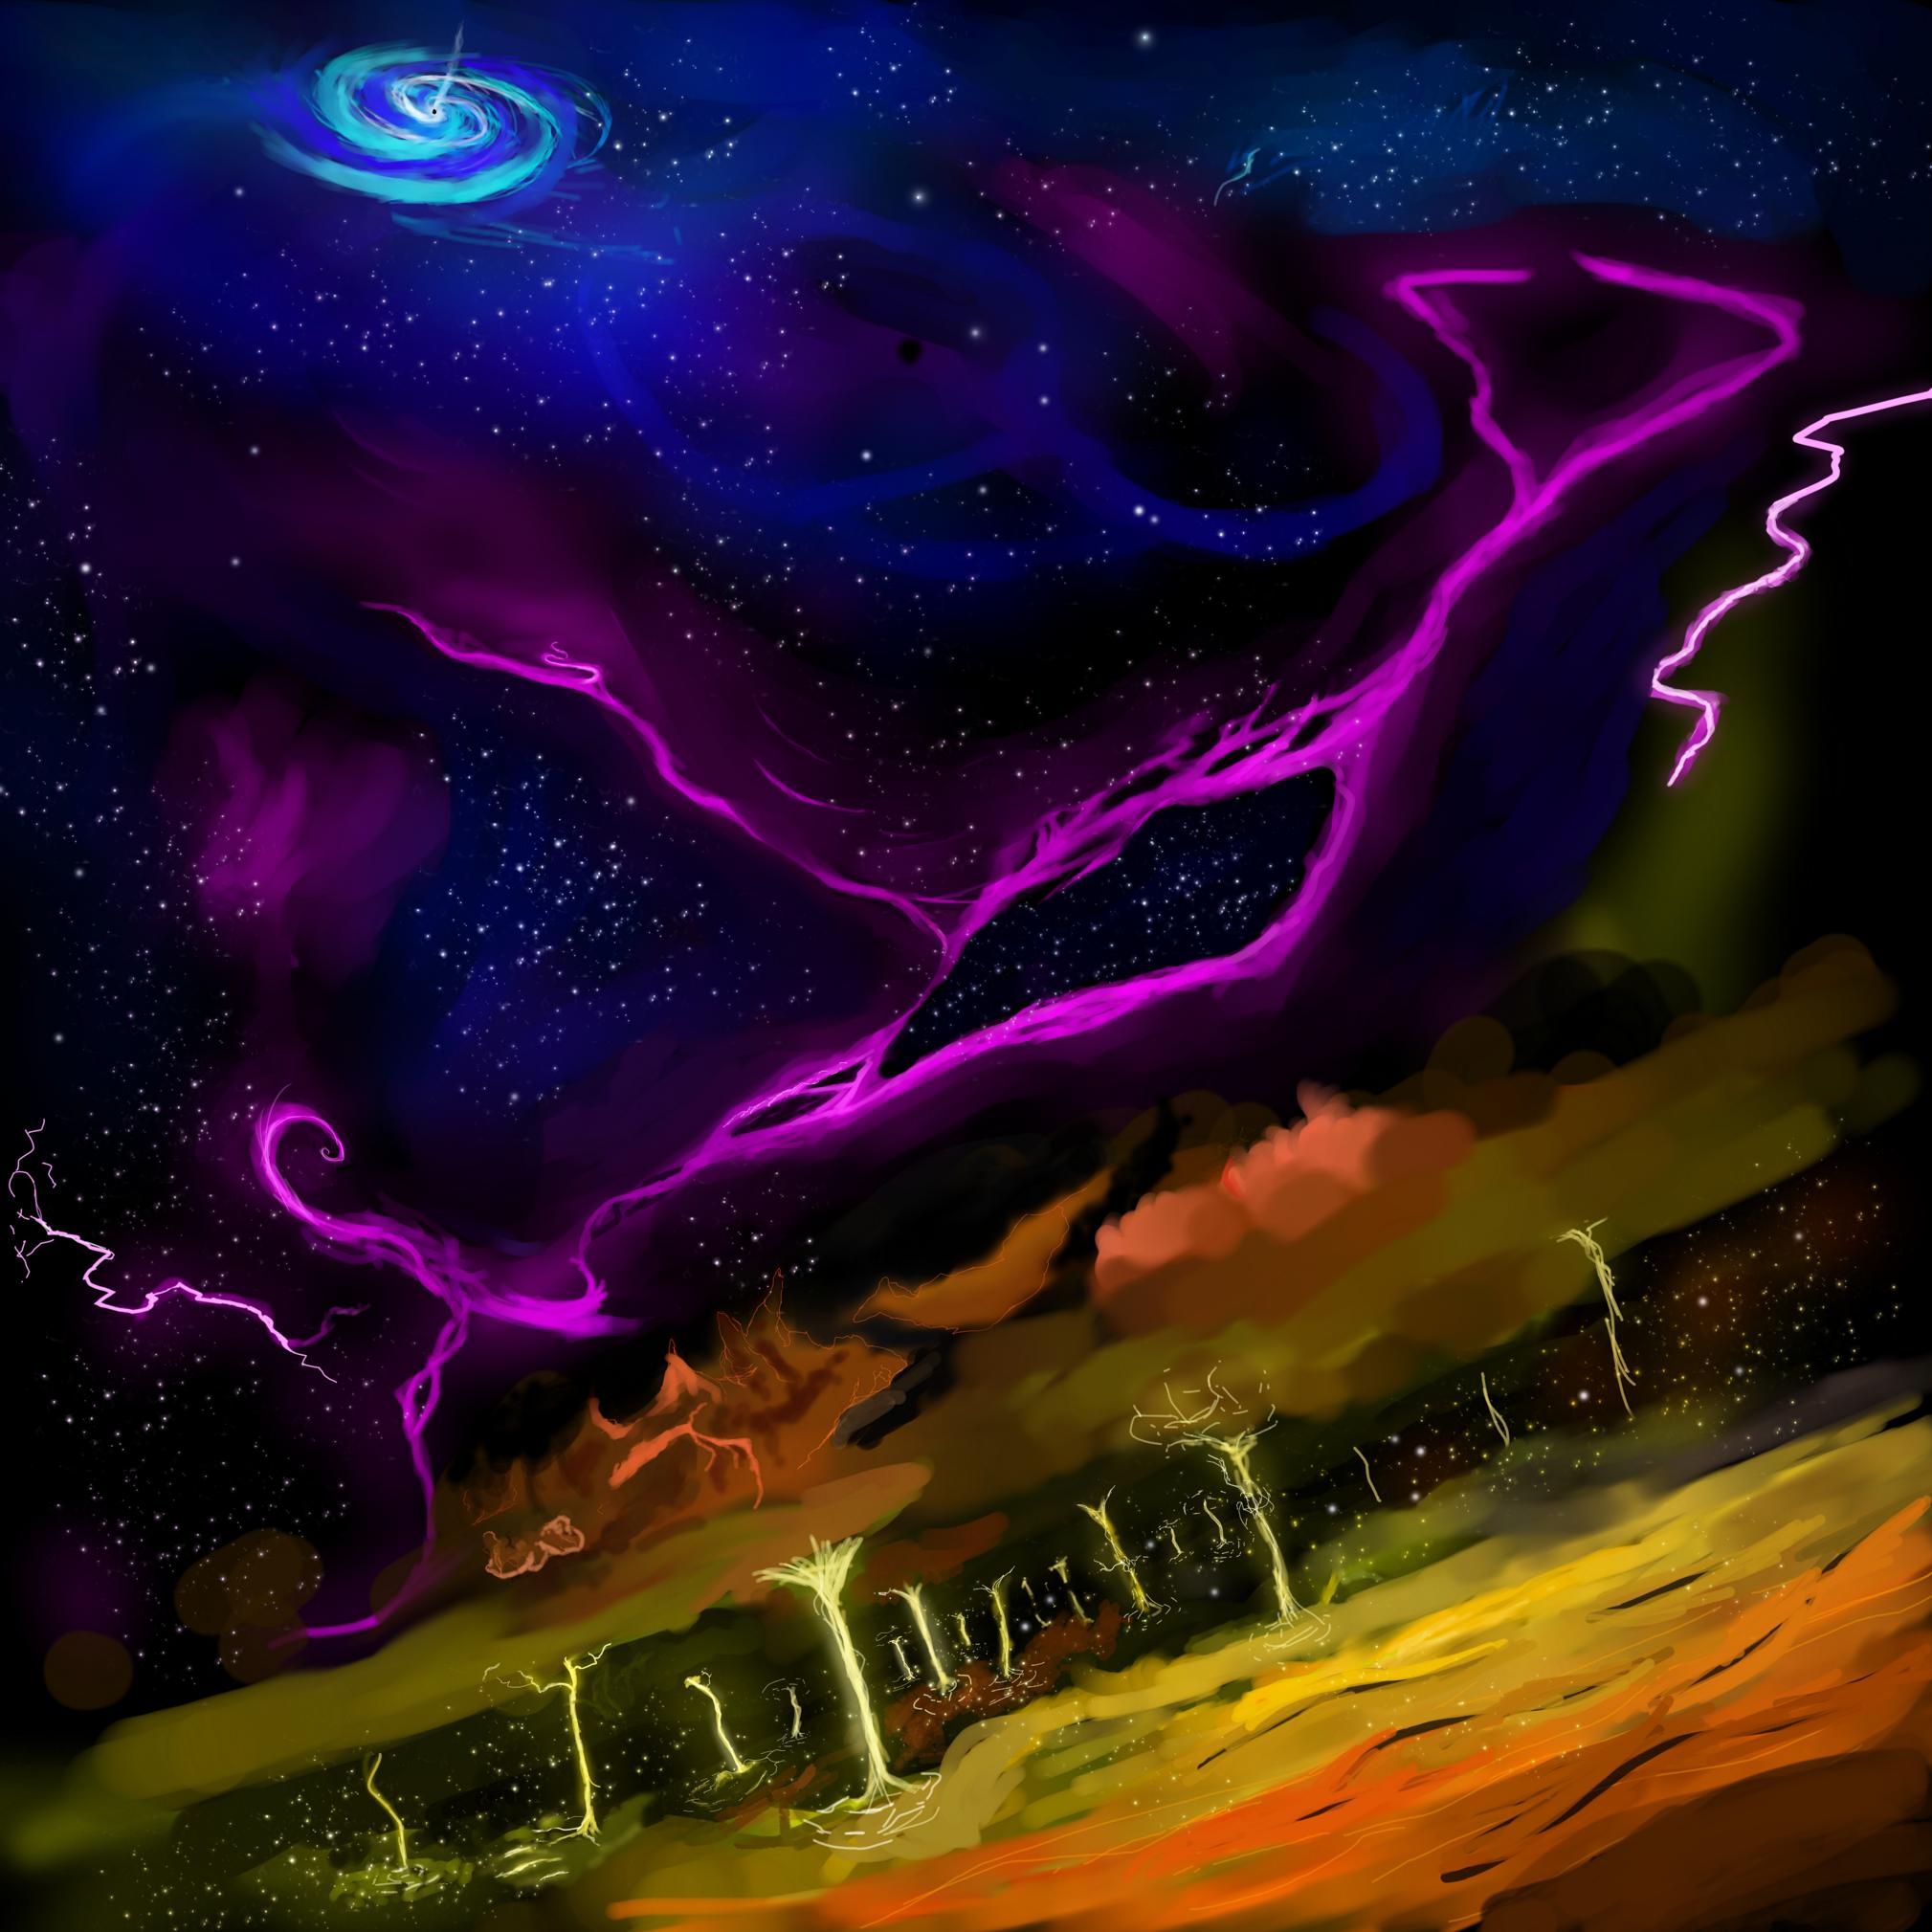 Cosmic_rev_alt